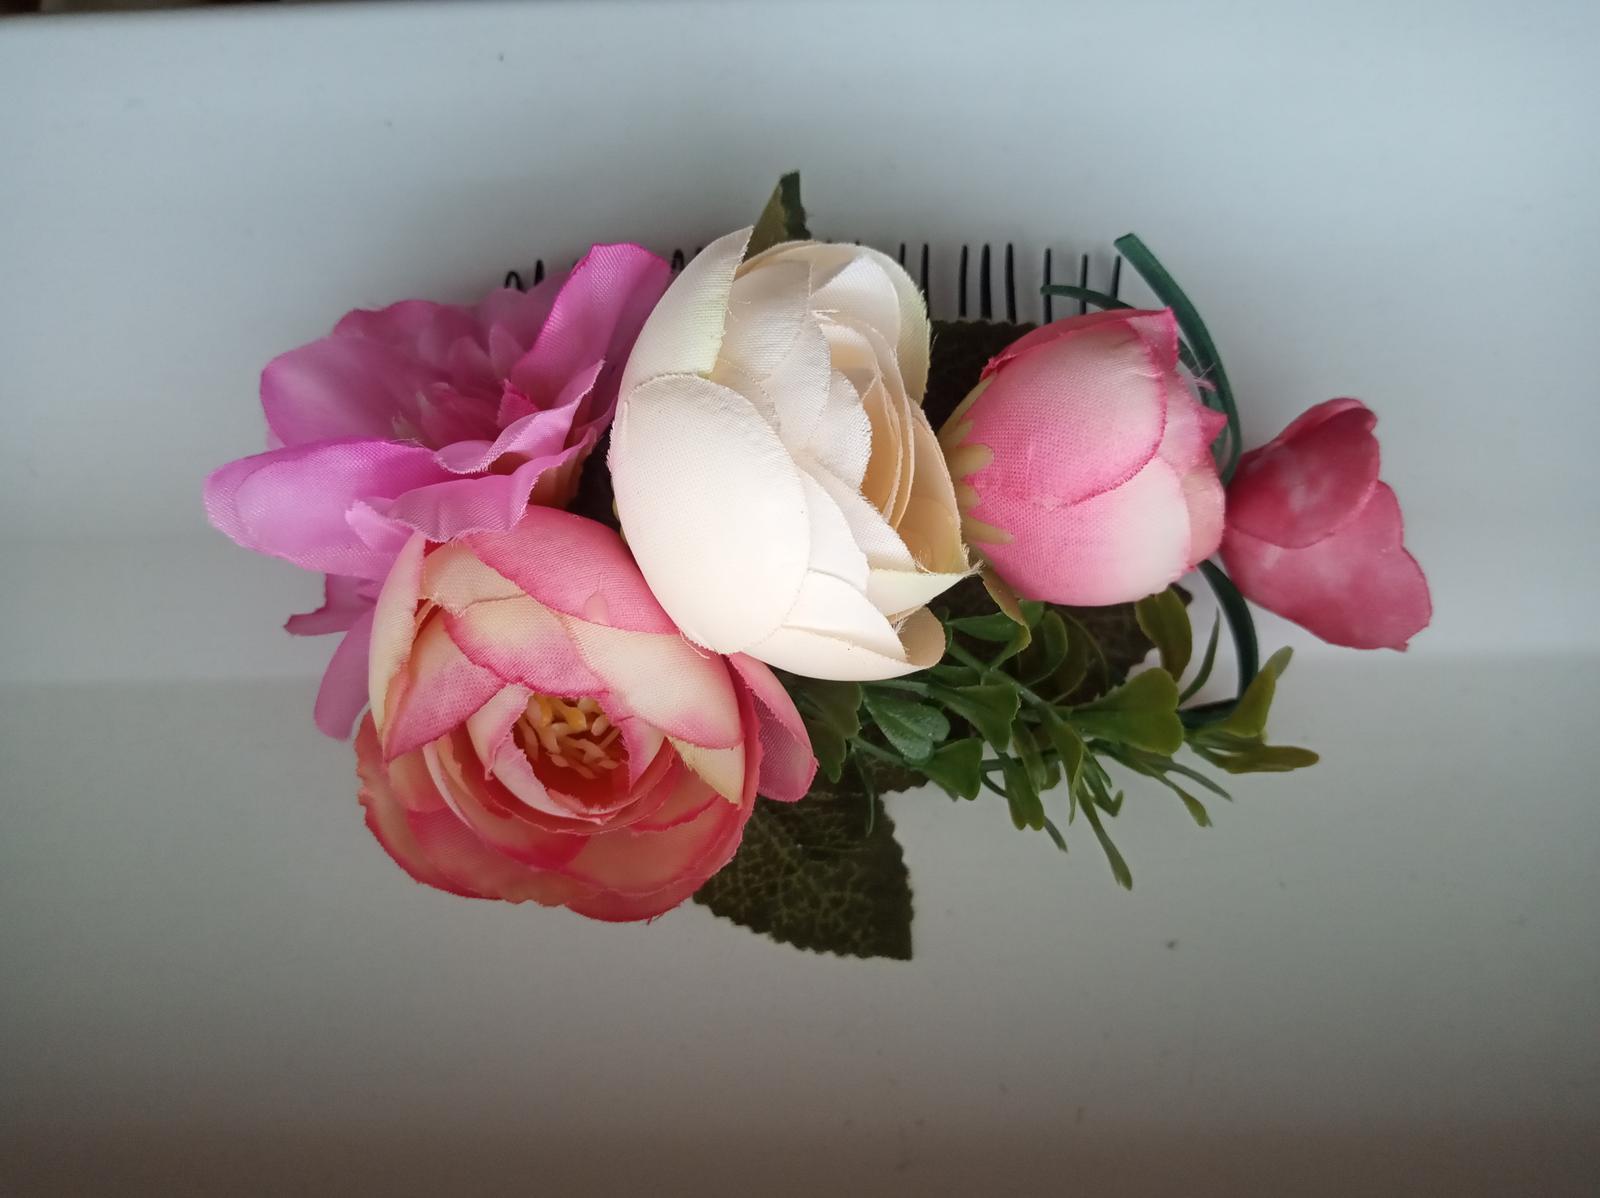 Hrebienok do vlasov s kvetmi - Obrázok č. 1